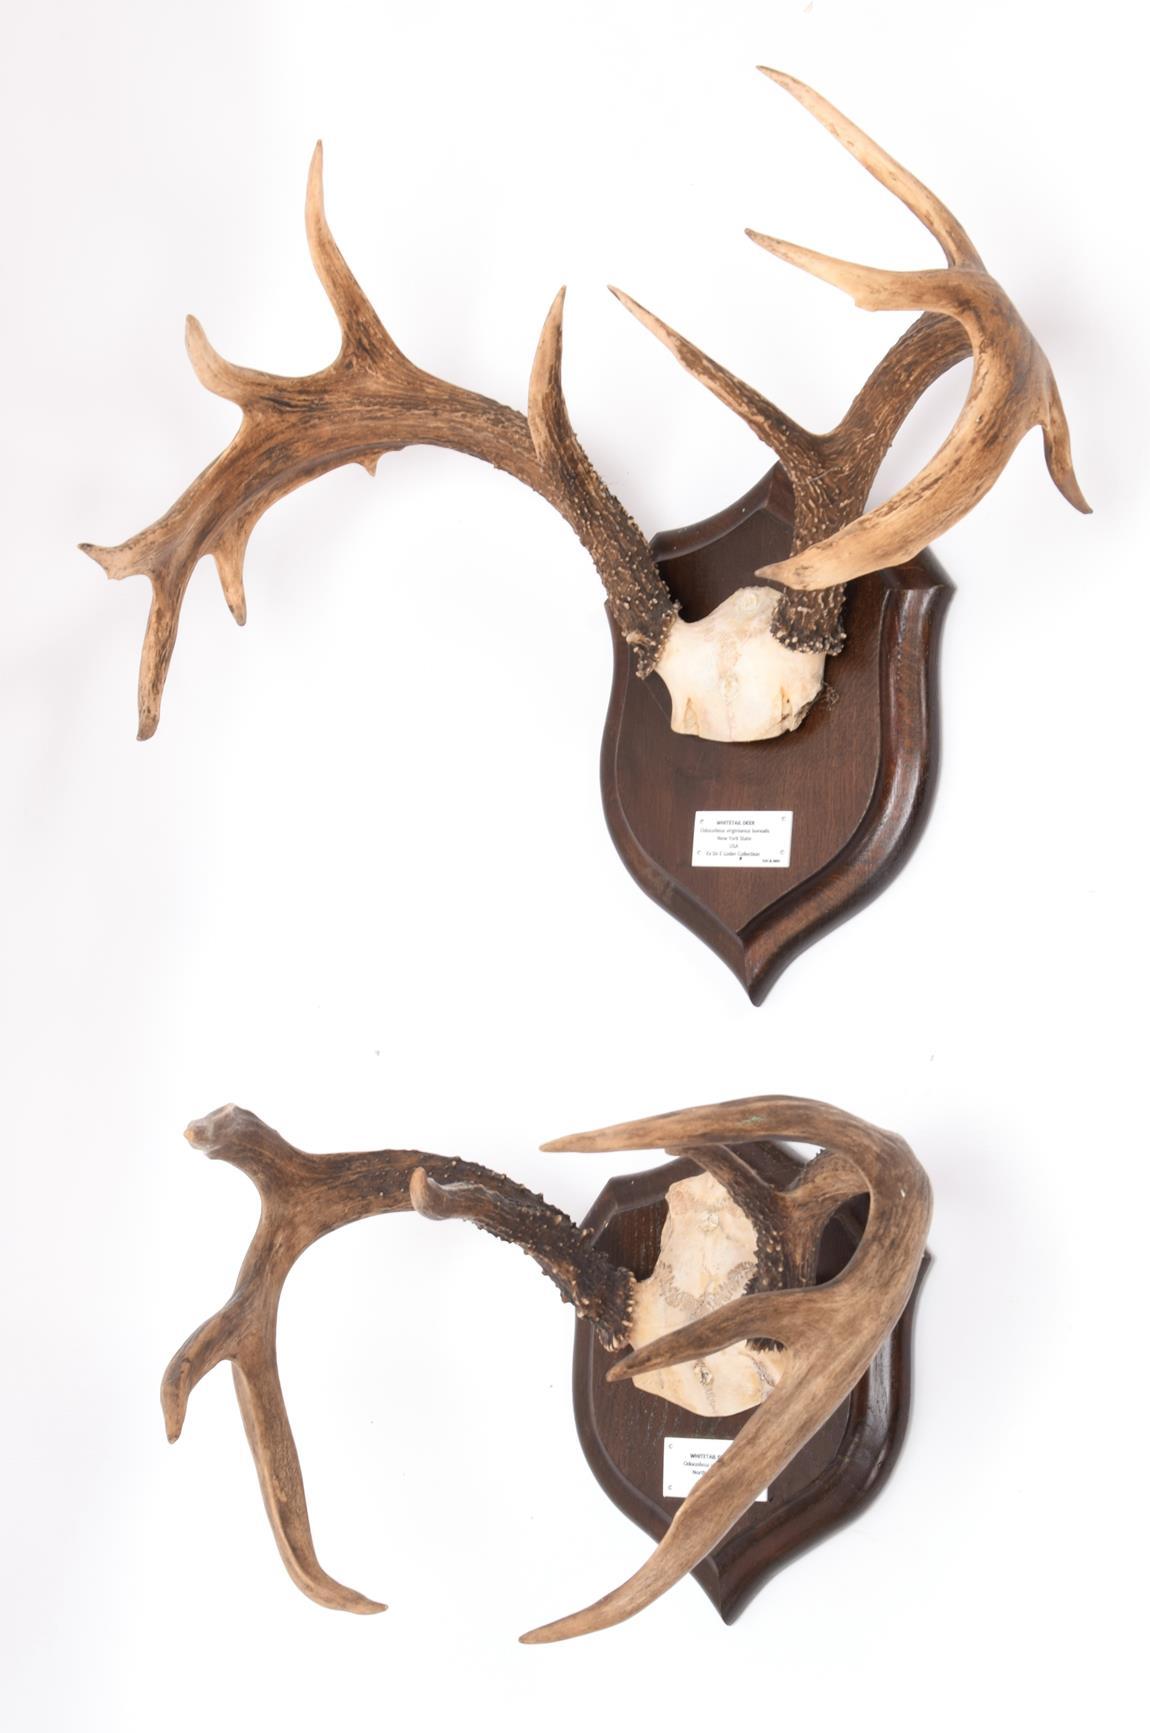 Antlers/Horns: White-Tailed Deer, (Odocoileus virginianus), North America, adult antlers on cut